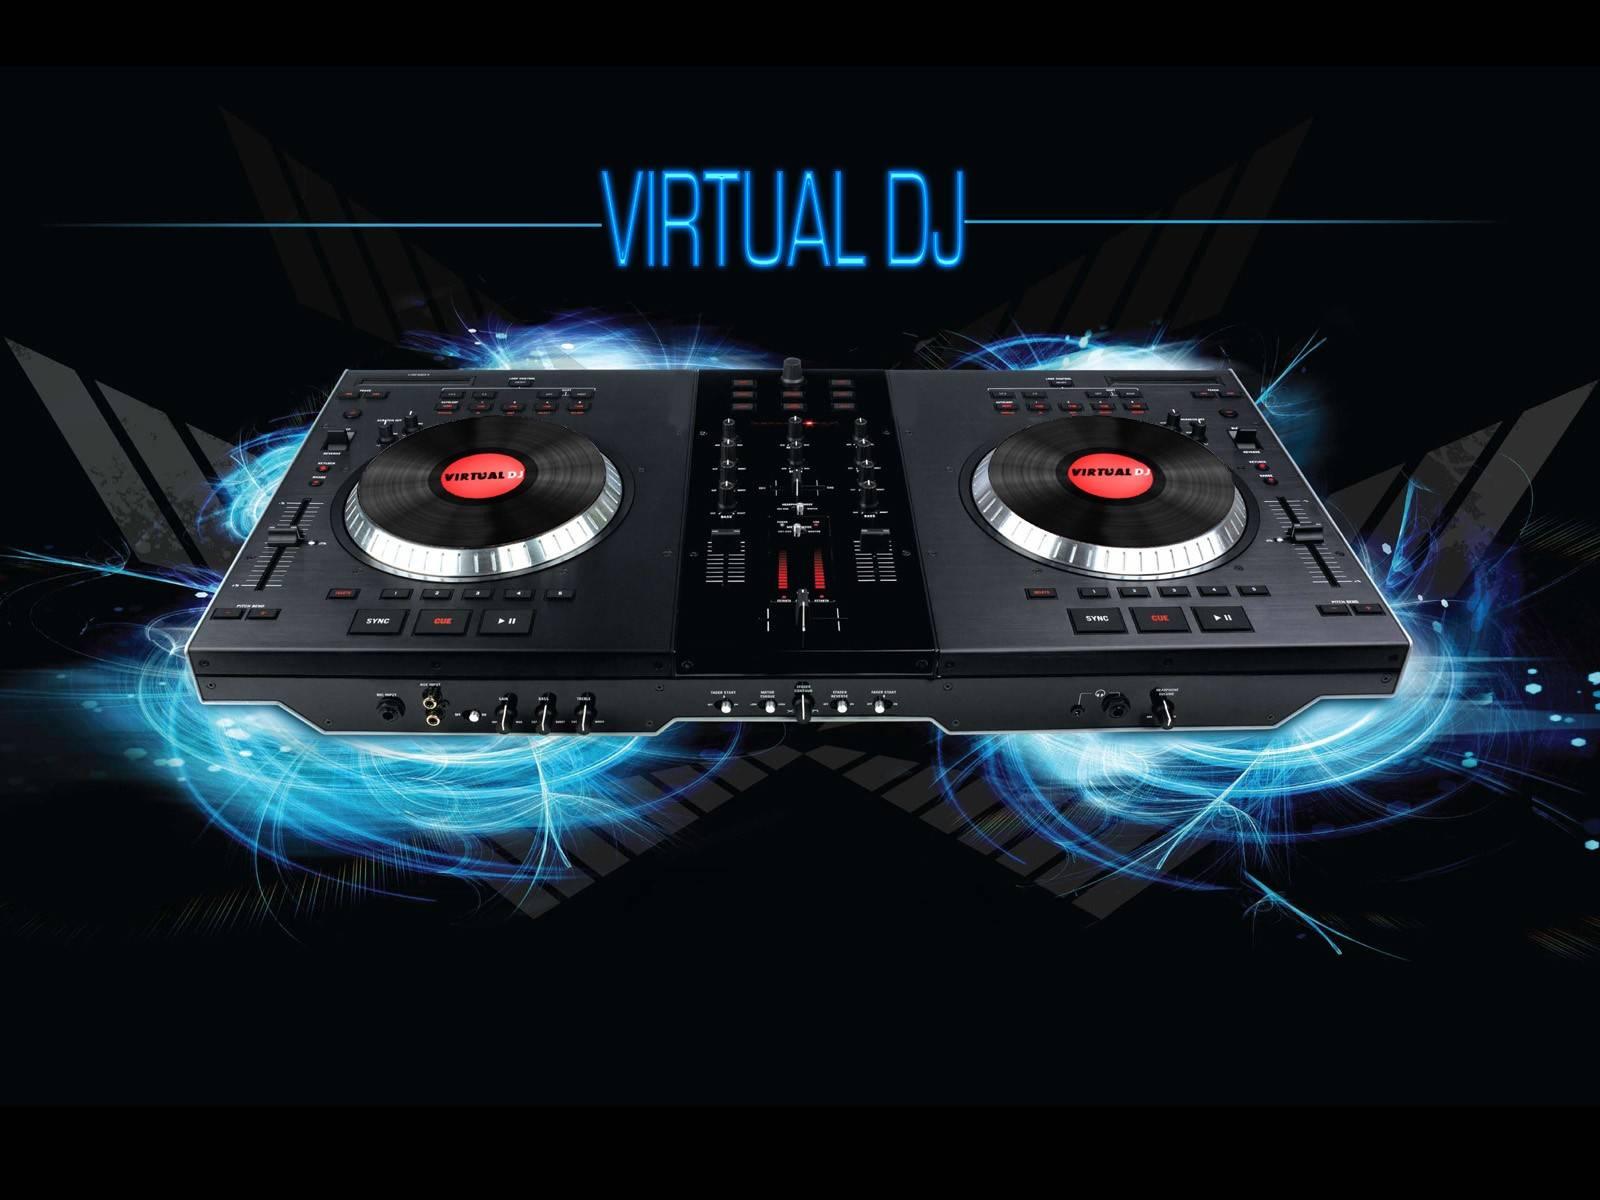 Music Program Virtual DJ Virtual Dj Wa   Club Music Wallpaper 1600x1200